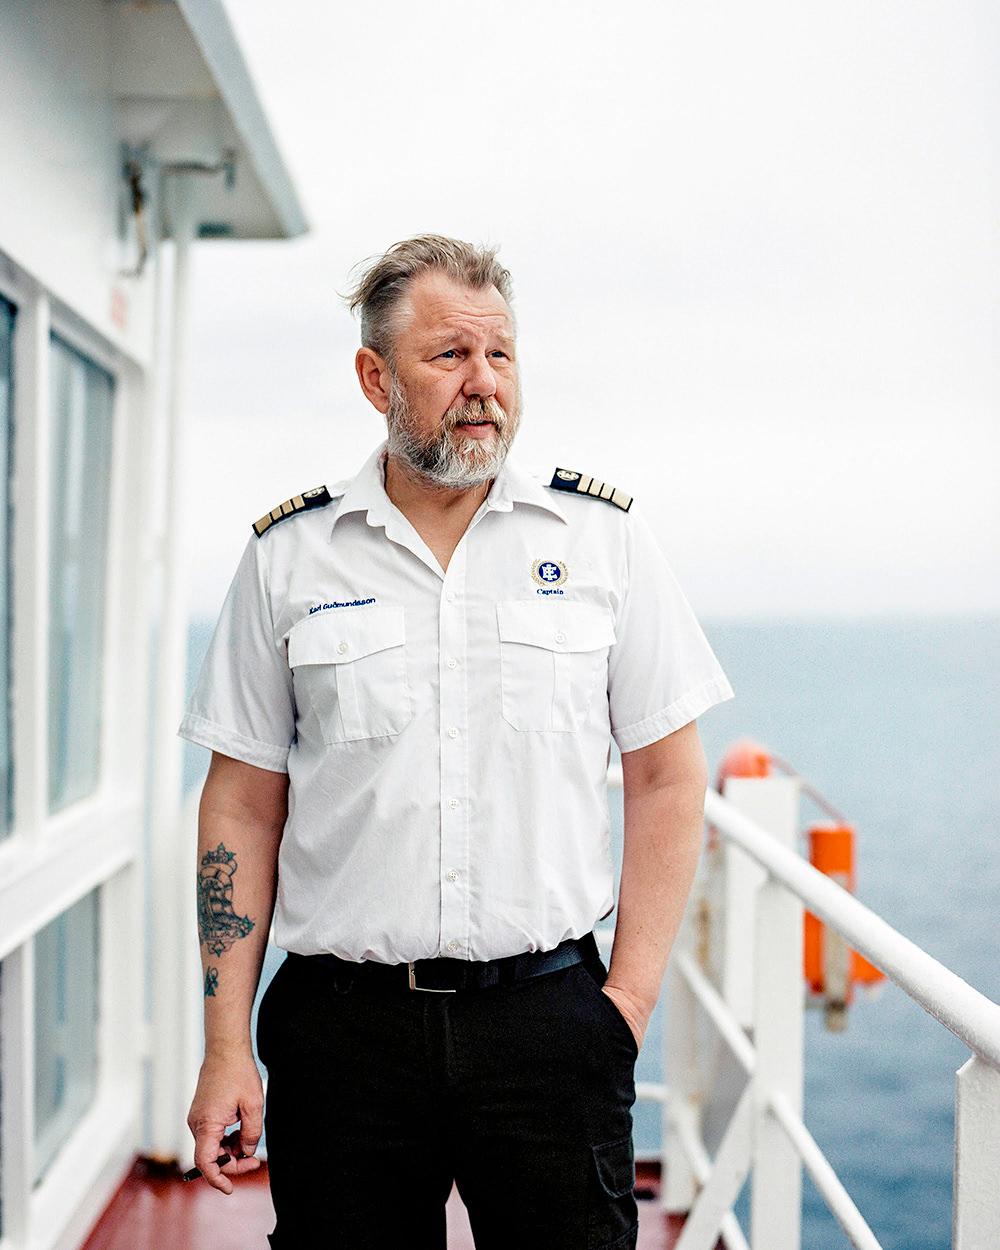 Captain Karl 'Kalli' Guðmundsson